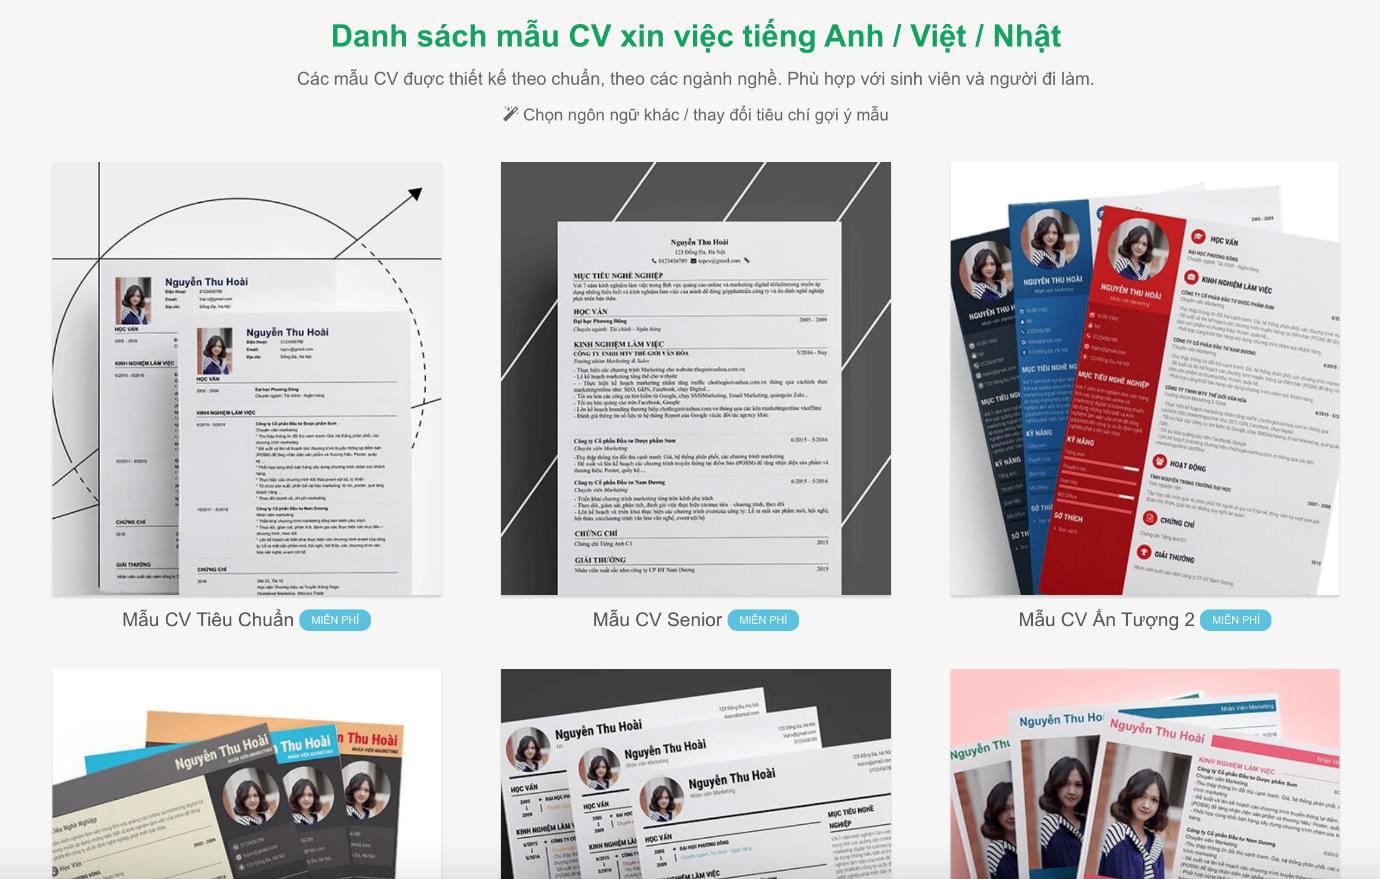 """Hướng dẫn cách tự chụp """"ảnh thẻ CV chuyên nghiệp mà không cần ra hàng thuê - Ảnh 2."""